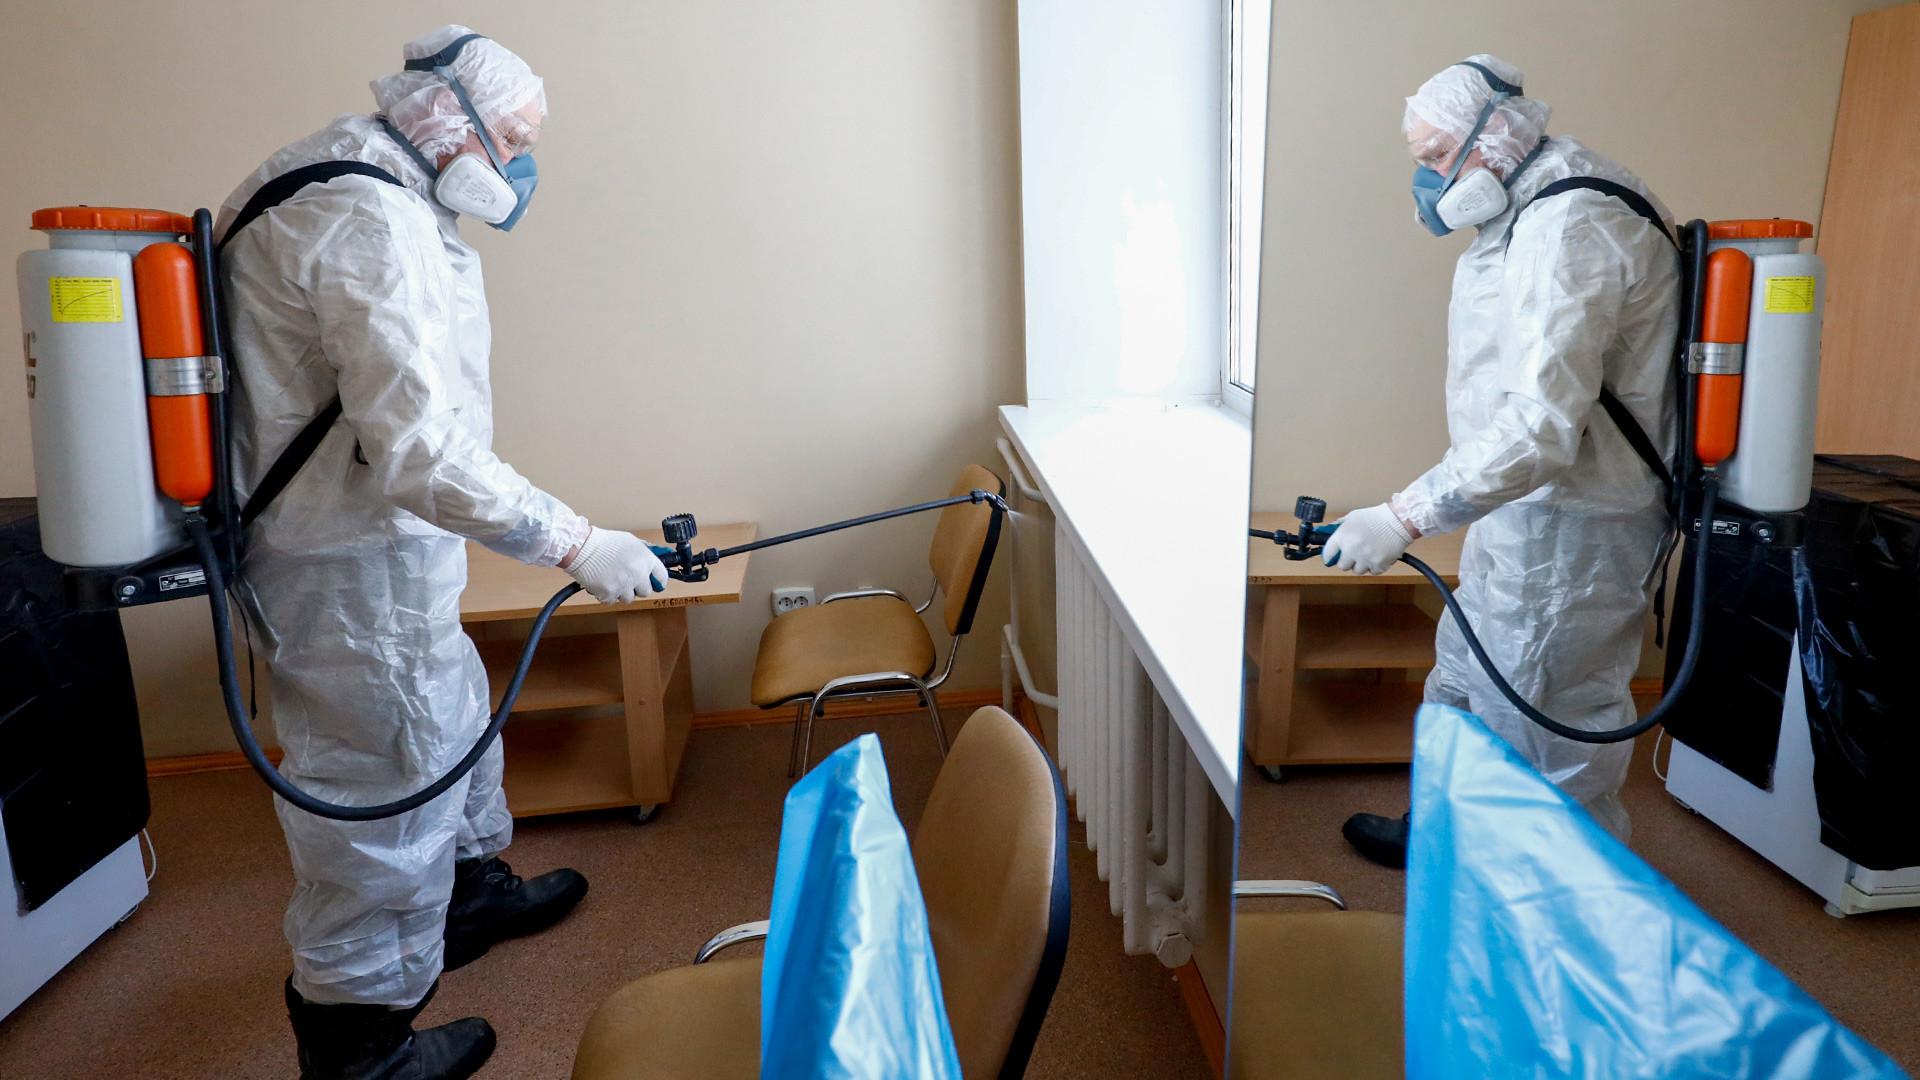 検疫所の消毒、チュメニ州、2020年2月21日